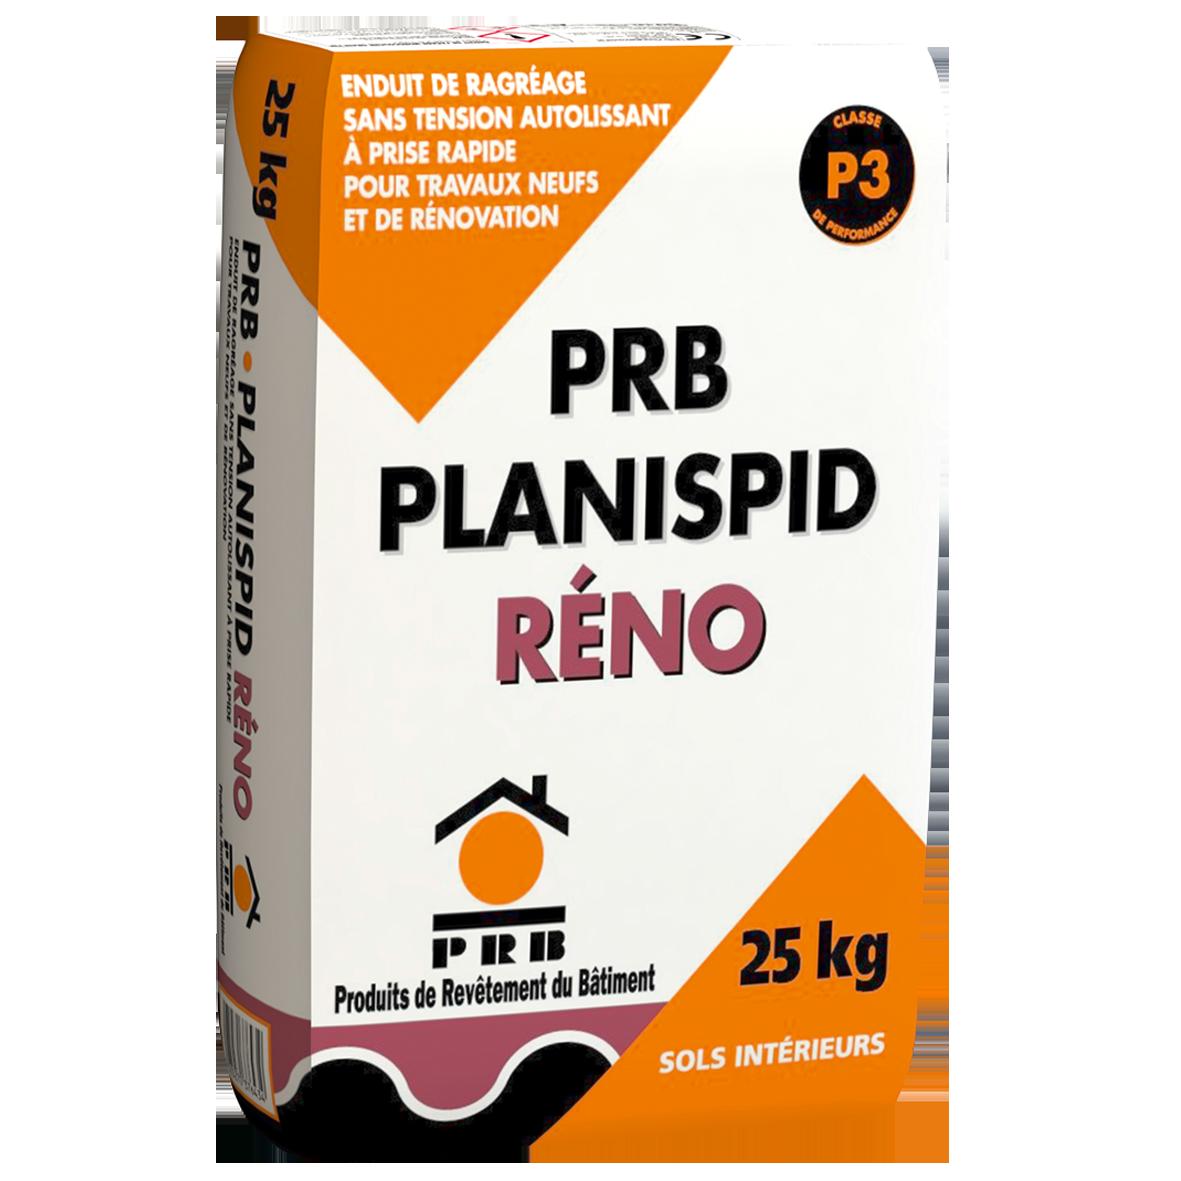 PRB PLANISPID RENO 25 KG